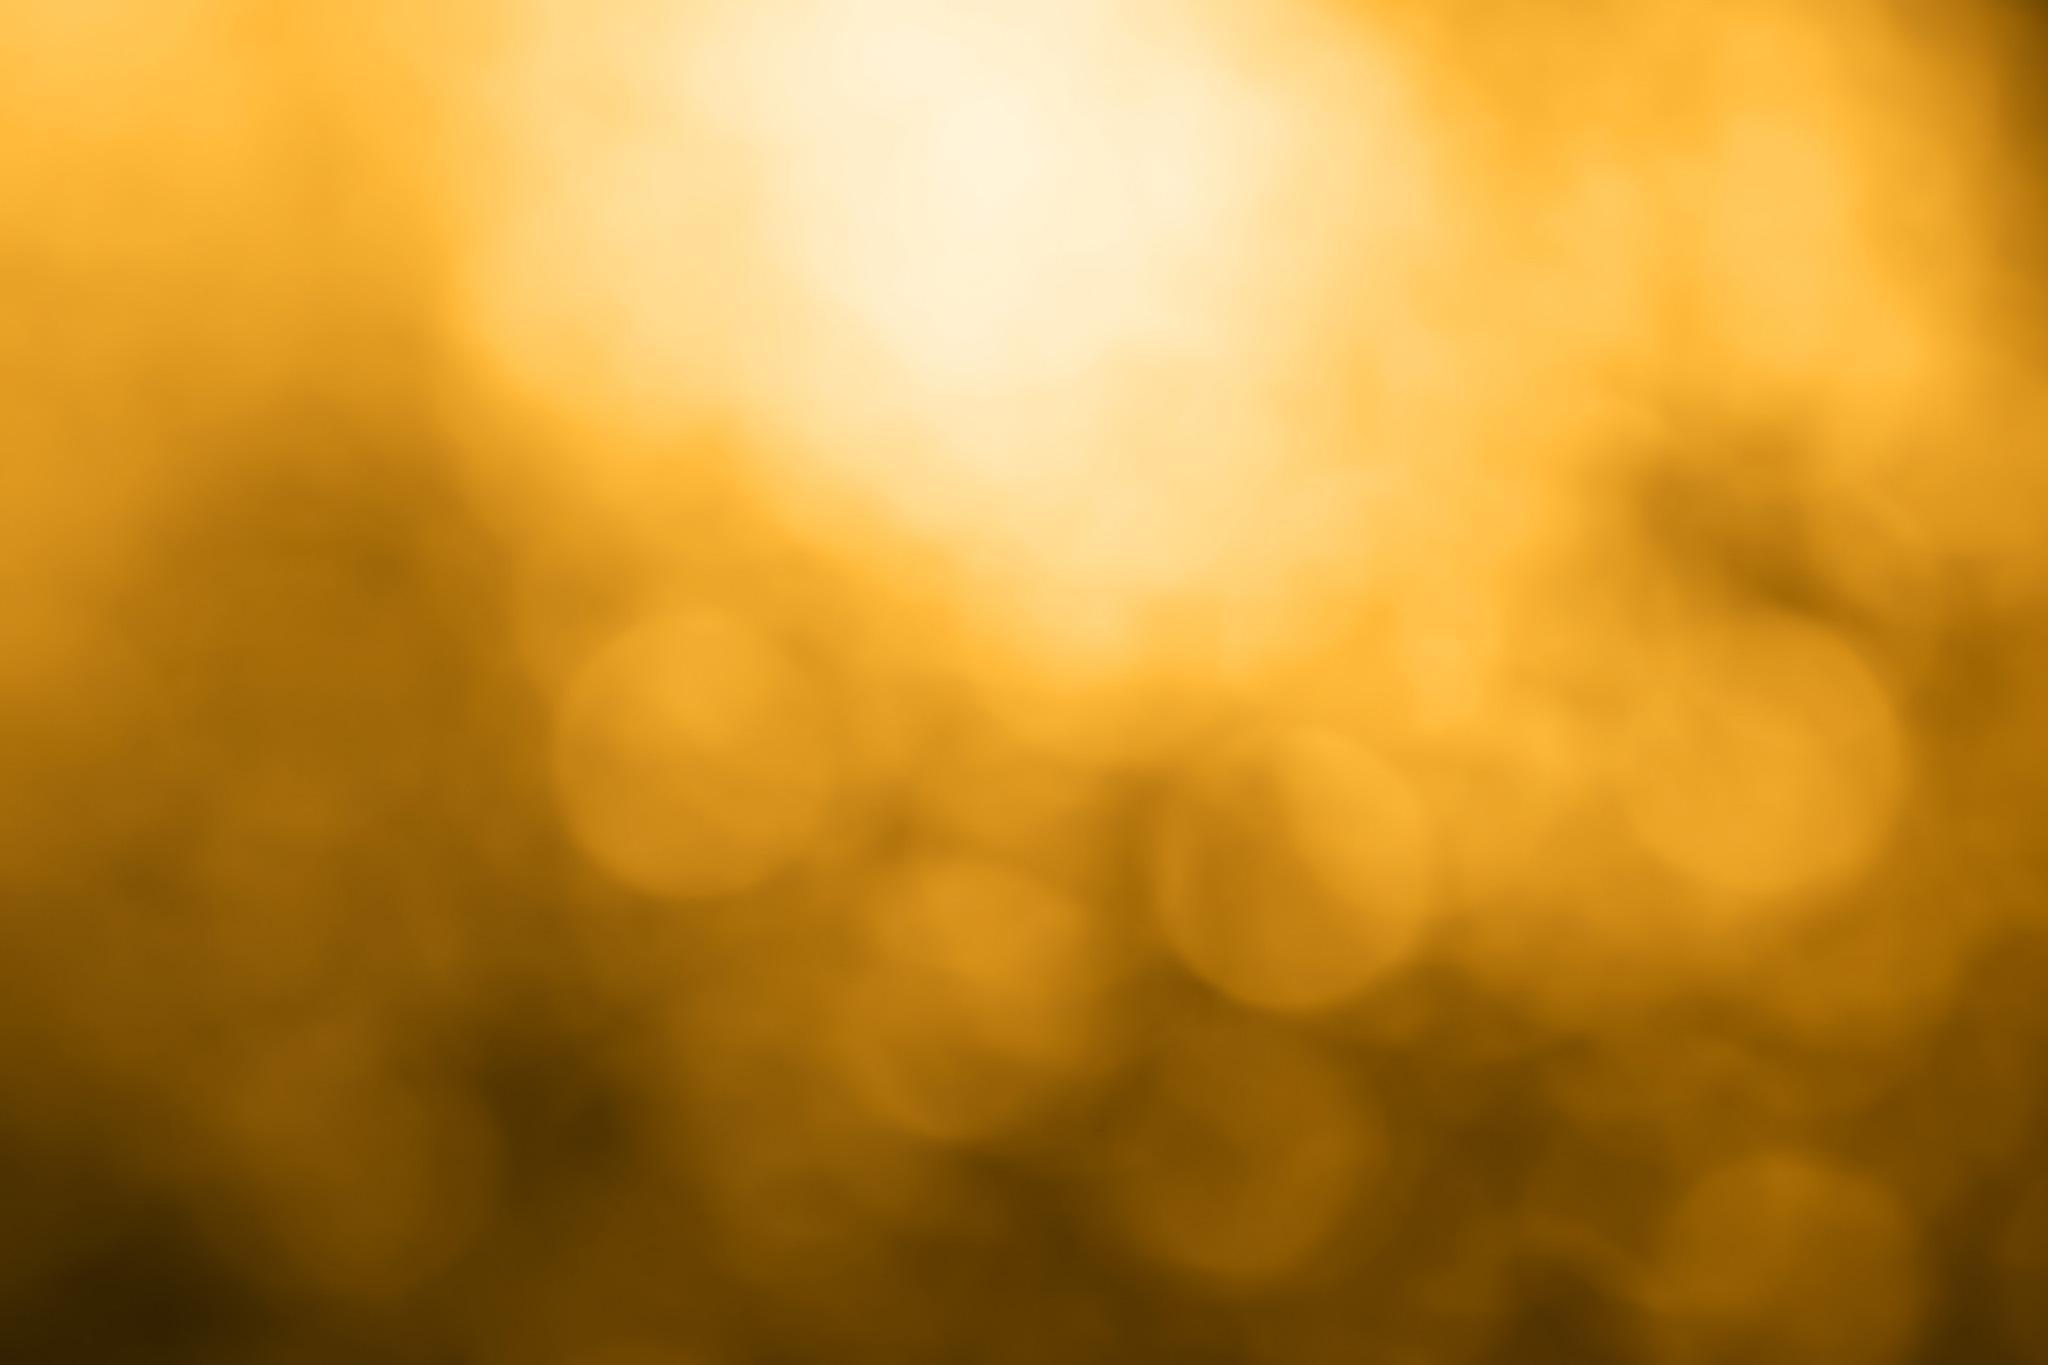 黄色い光の彼方へ